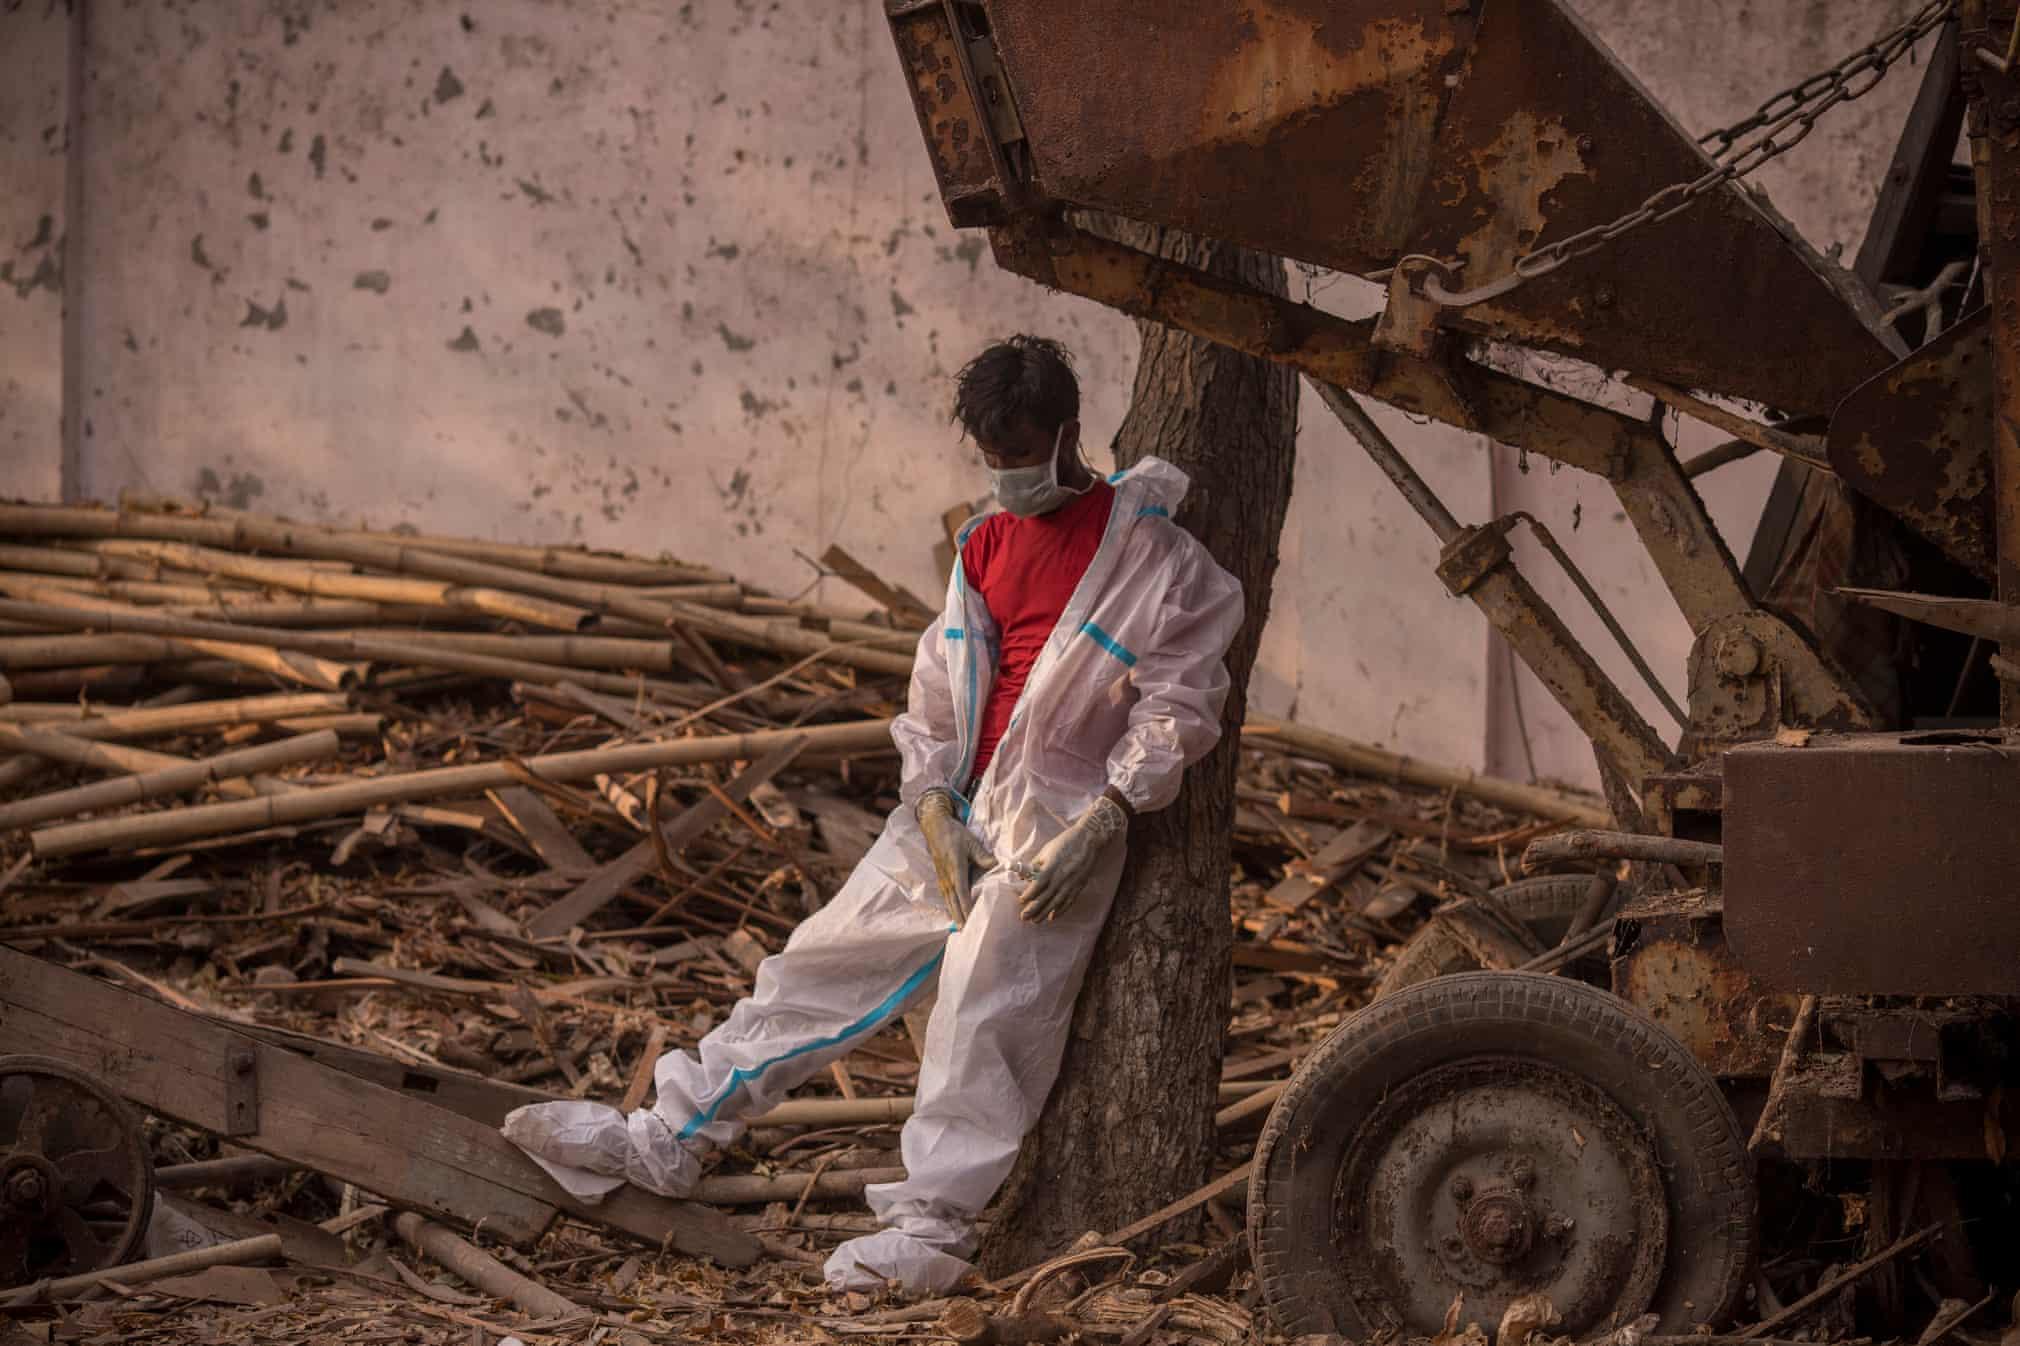 کارگر خسته و بی رمق هندی در محل سوزاندن اجساد کرونایی + عکس